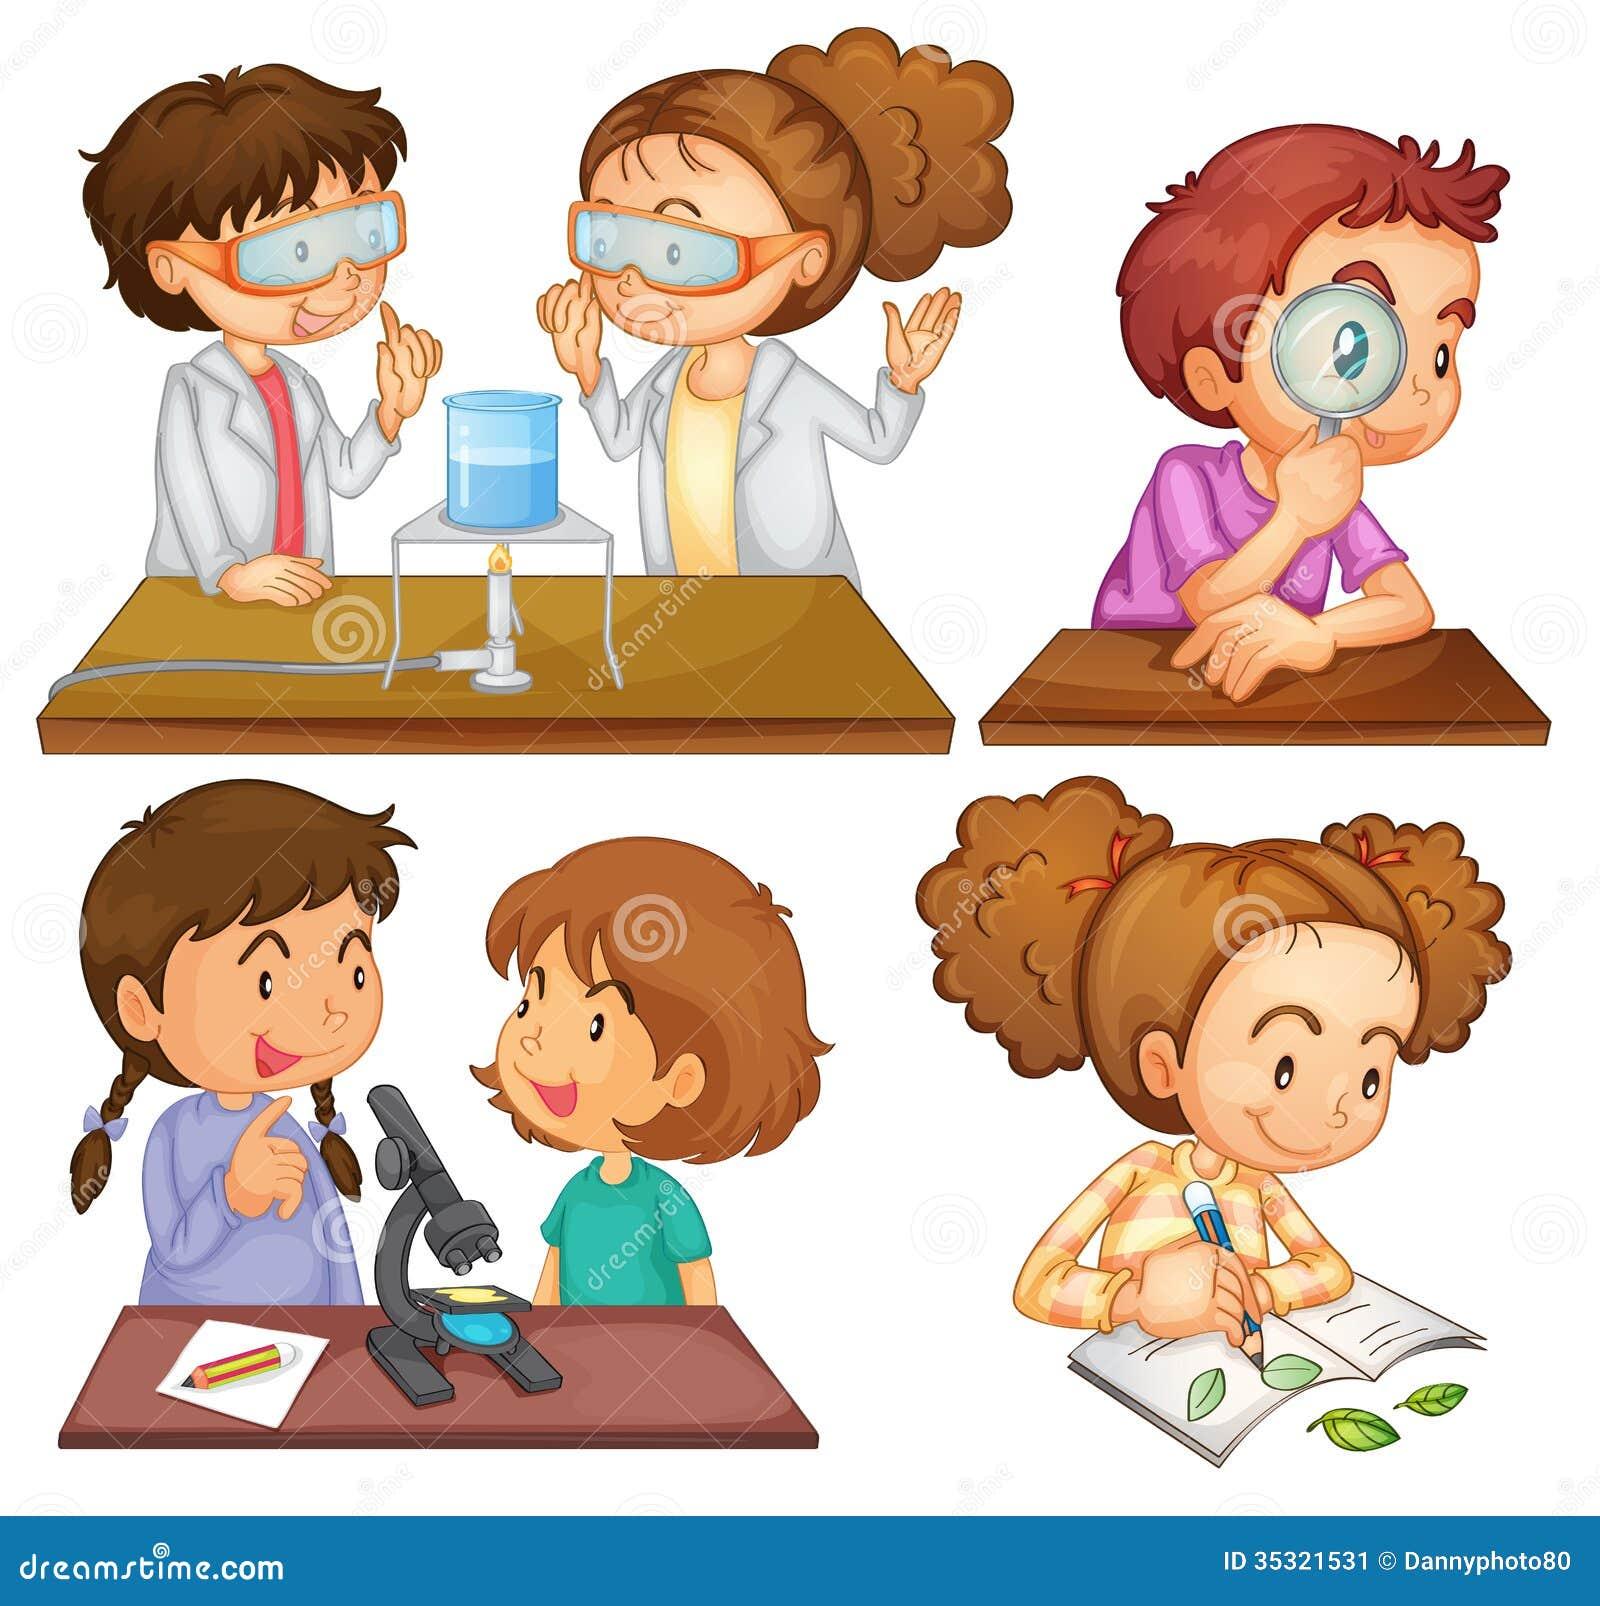 Картинки по запросу маленький ученый картинки для детей